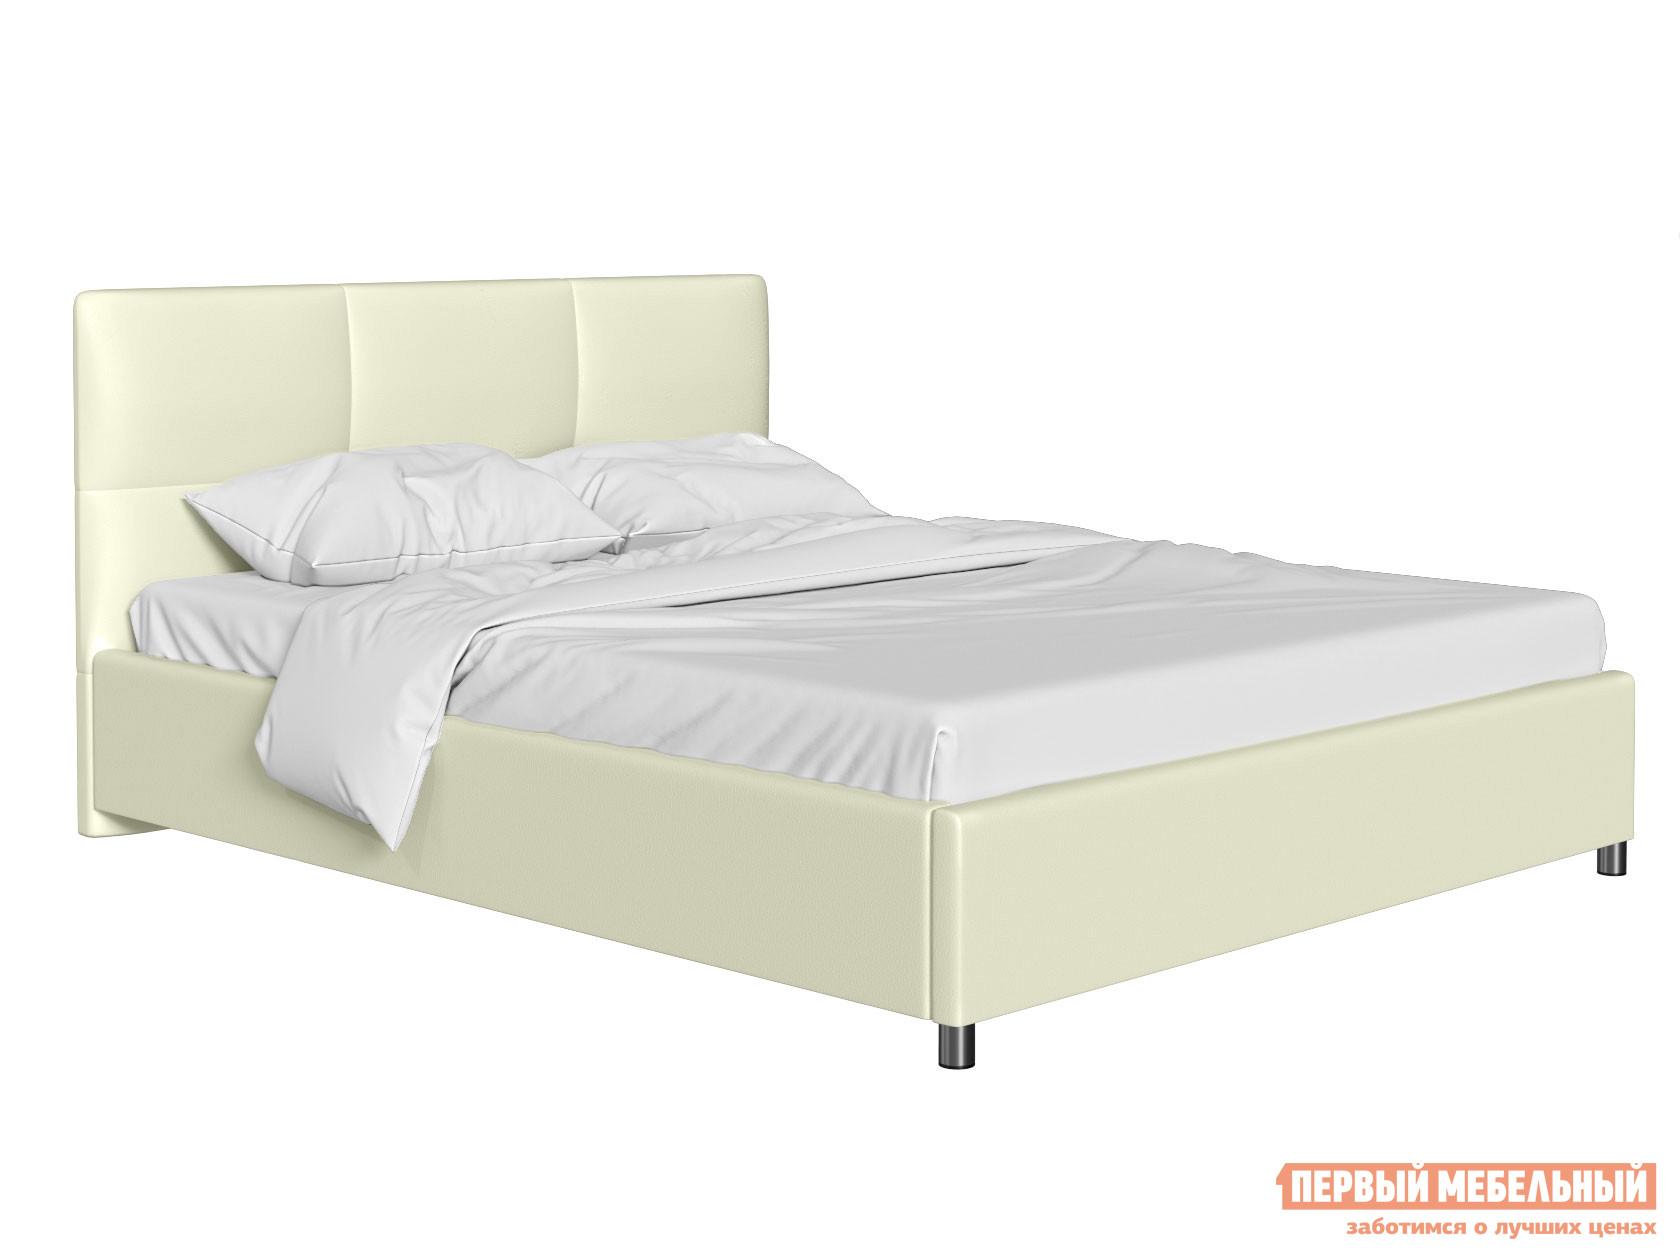 Двуспальная кровать  Кровать с мягким изголовьем Агата Слоновая кость, экокожа, 180х200 см